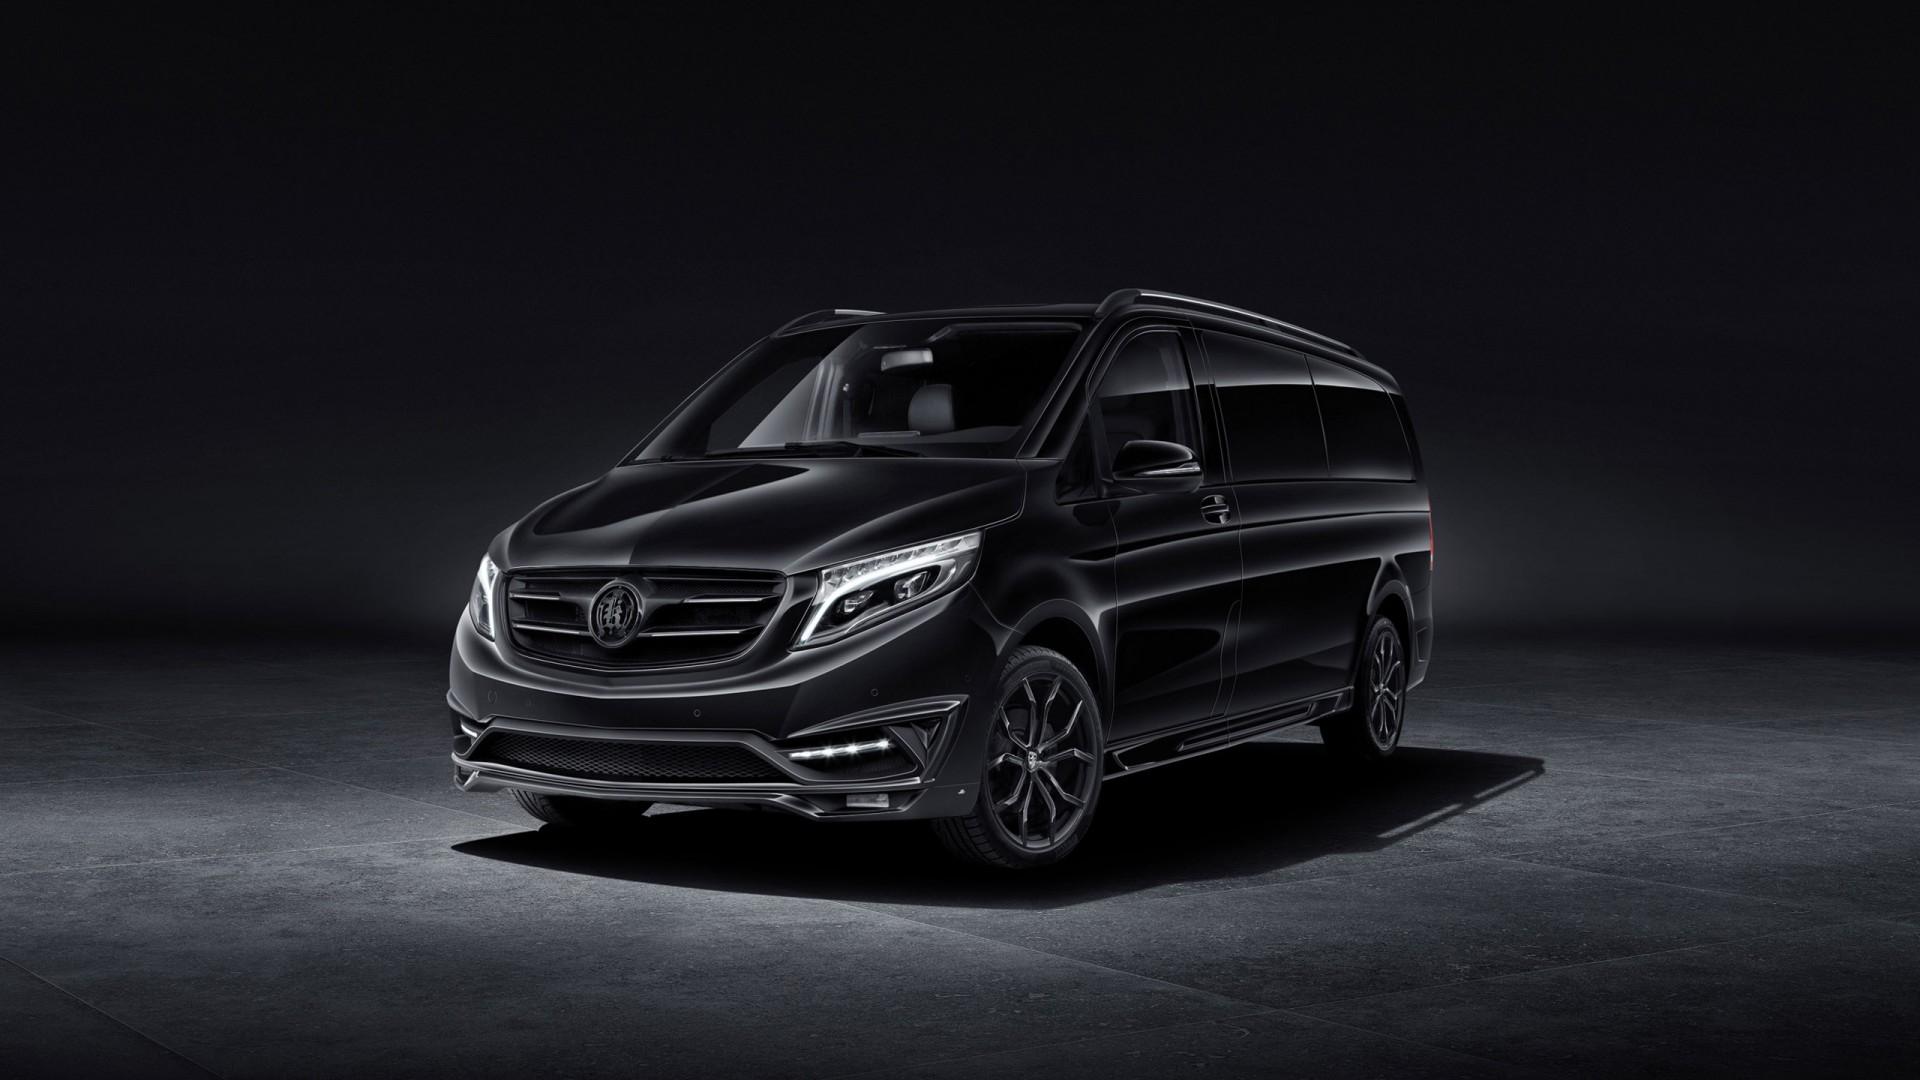 2016 Larte Design Mercedes Benz V Class Black Crystal Wallpaper Hd Car Wallpapers Id 6508